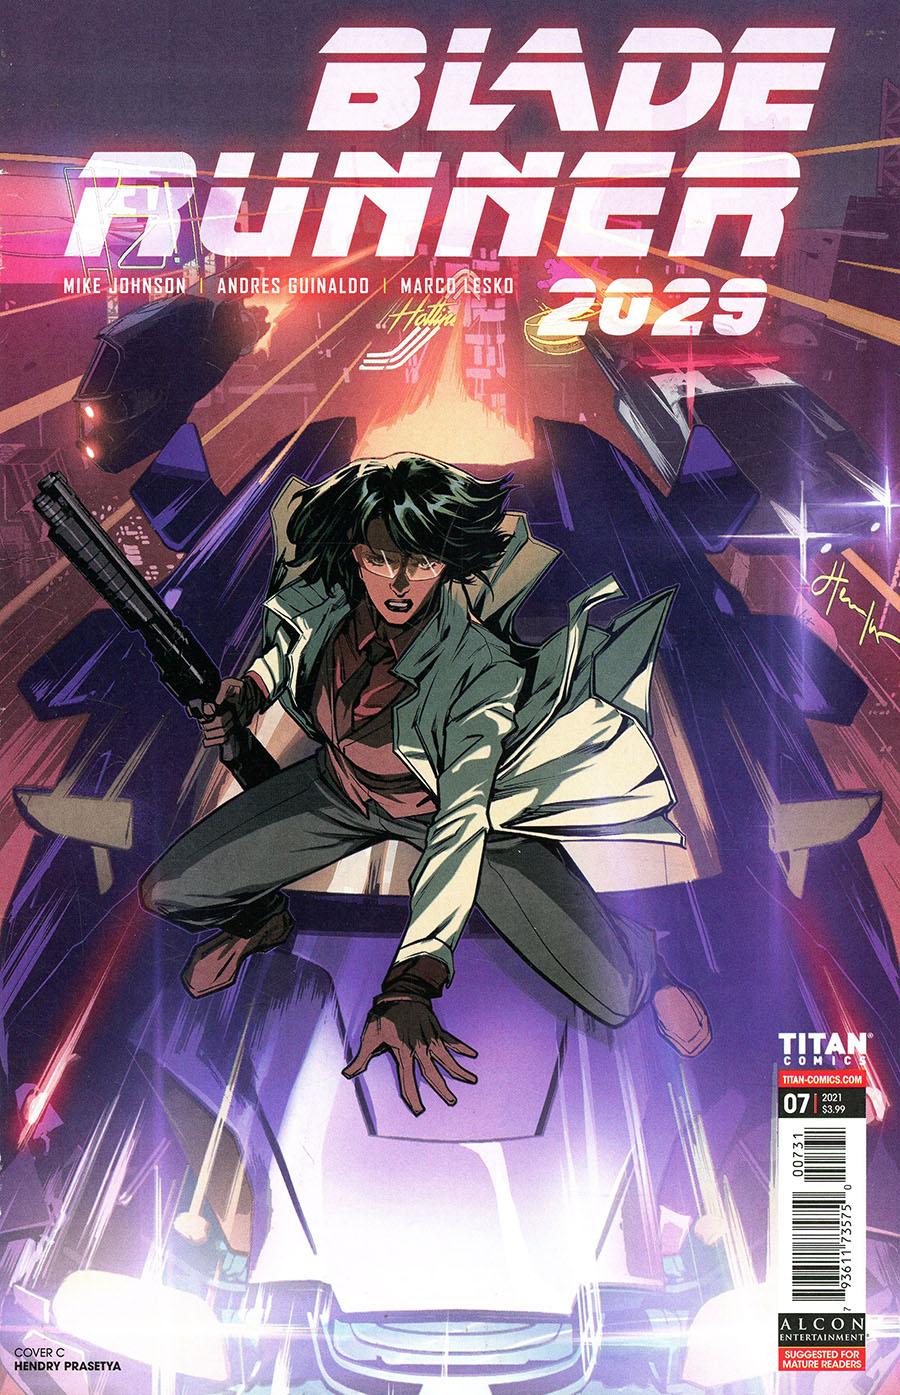 Blade Runner 2029 #7 Cover C Variant Hendry Prasetya Cover